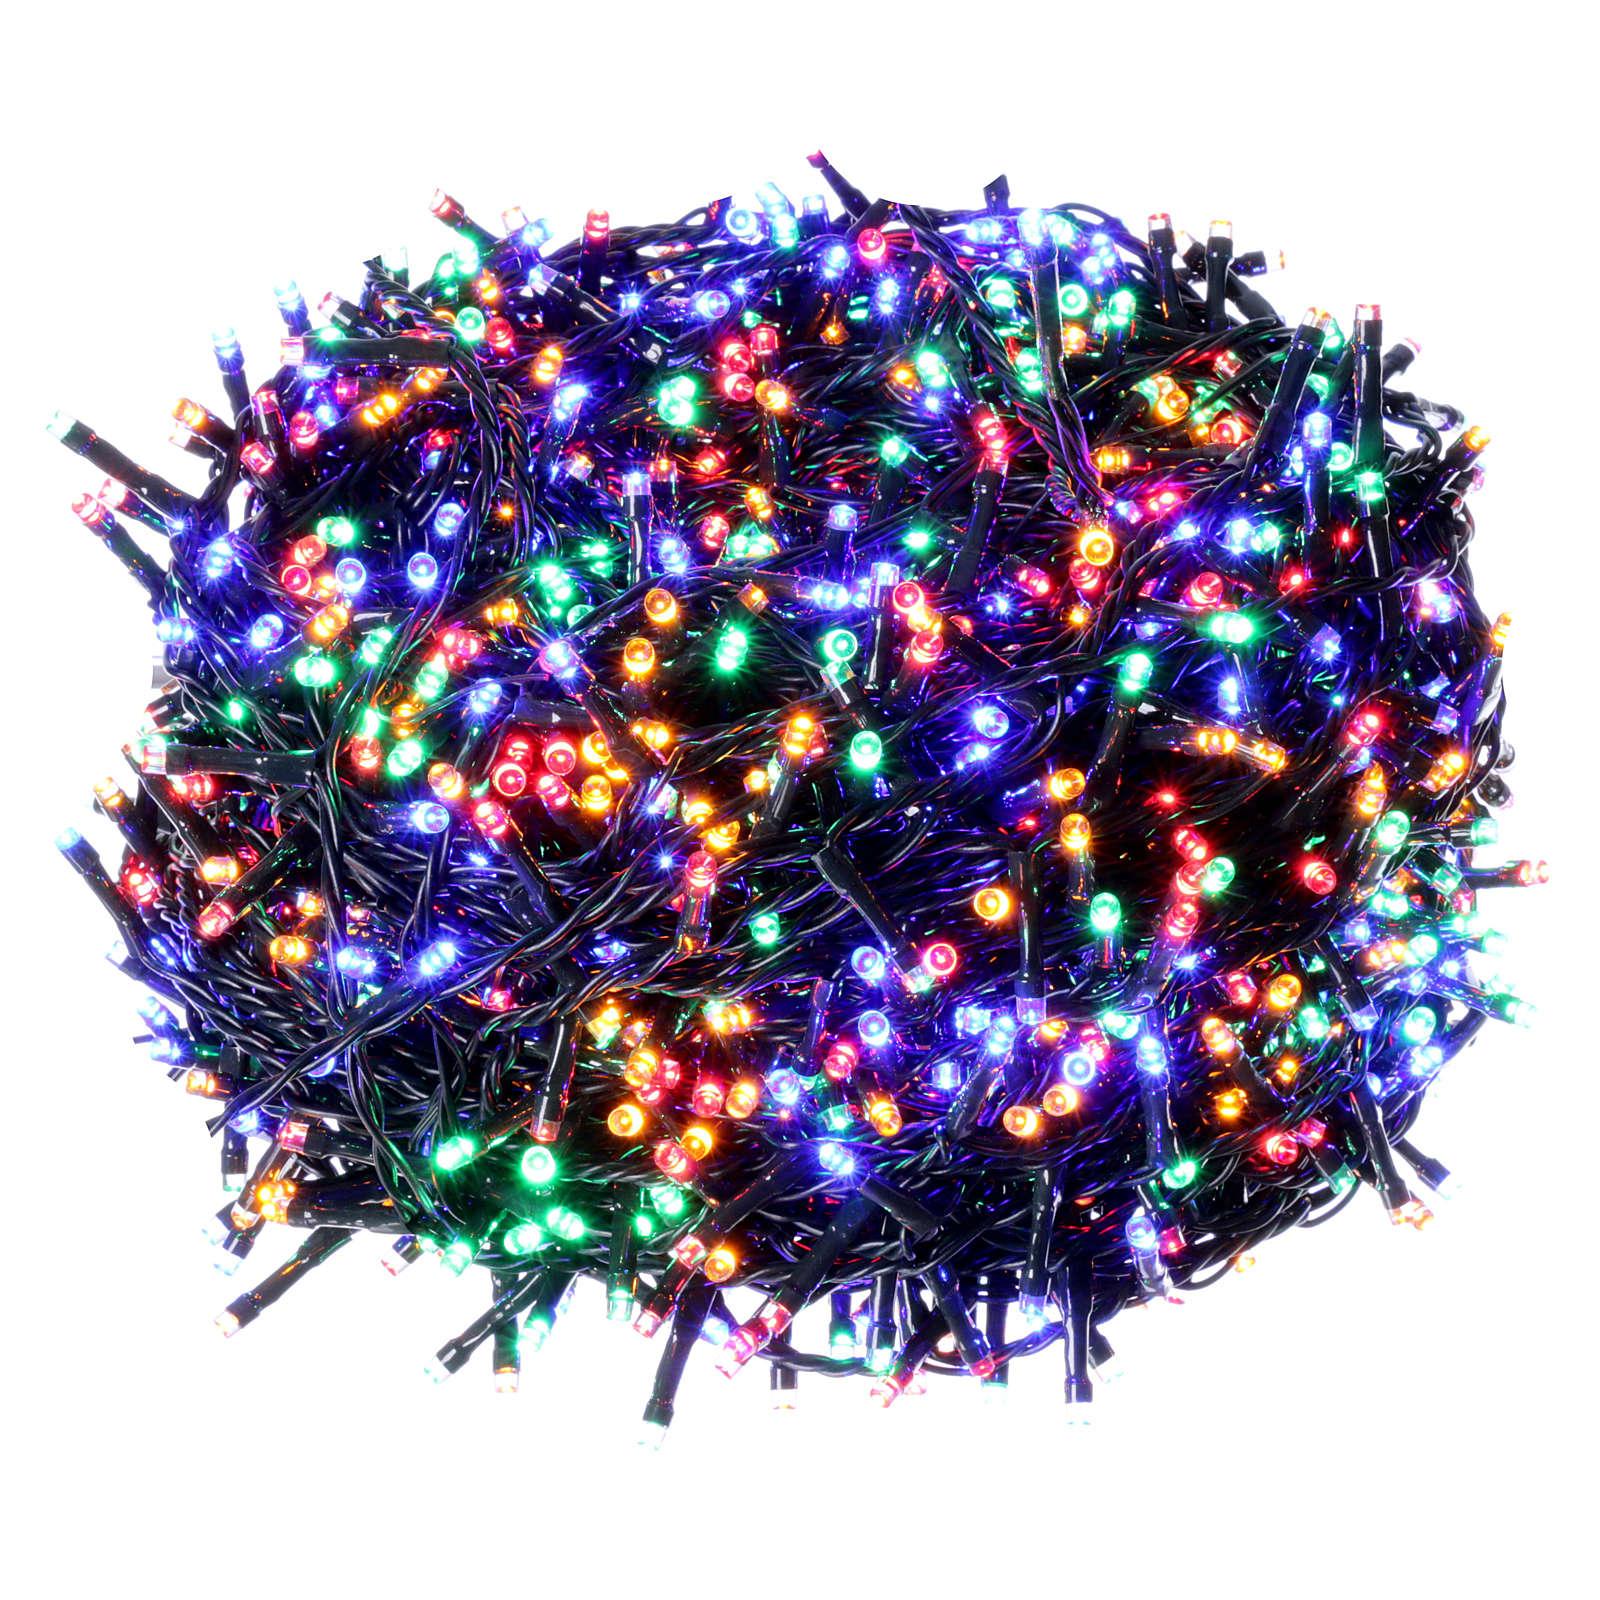 éclairage No l 1500 LED multicolores programmables